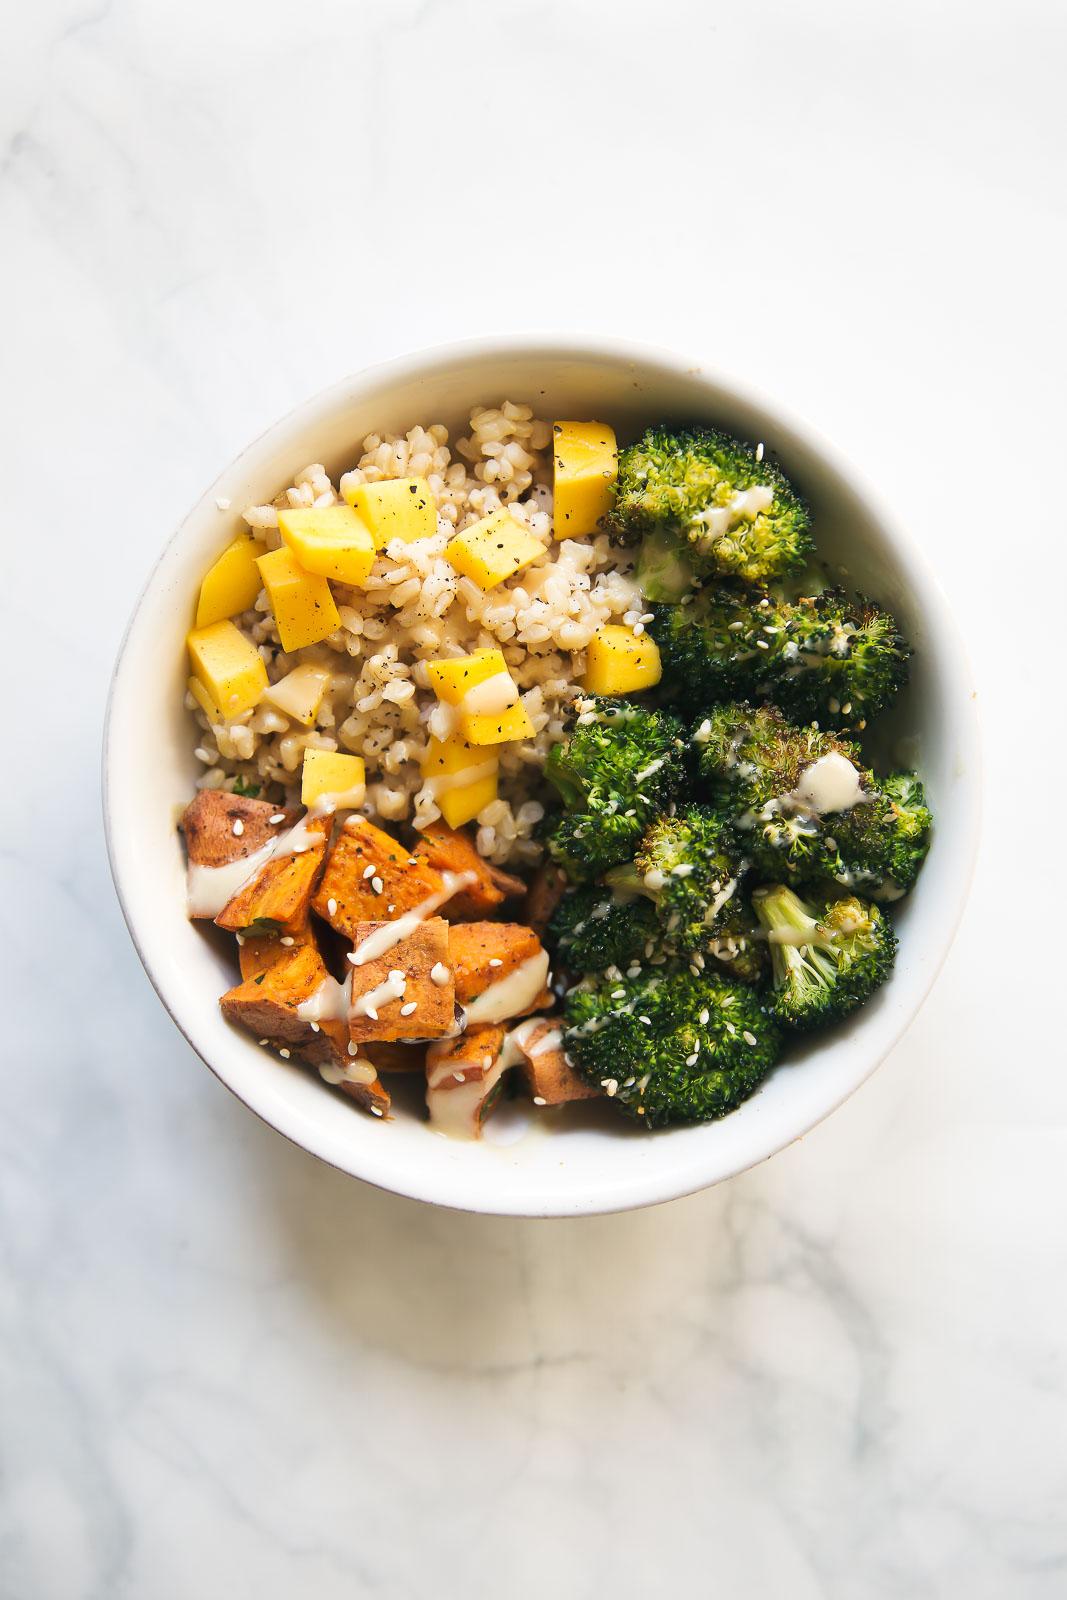 Vegan Sweet Potato Buddha Bowl with Orange Sesame Almond Butter Dressing #vegan #vegetarian #bowl #orange #potato